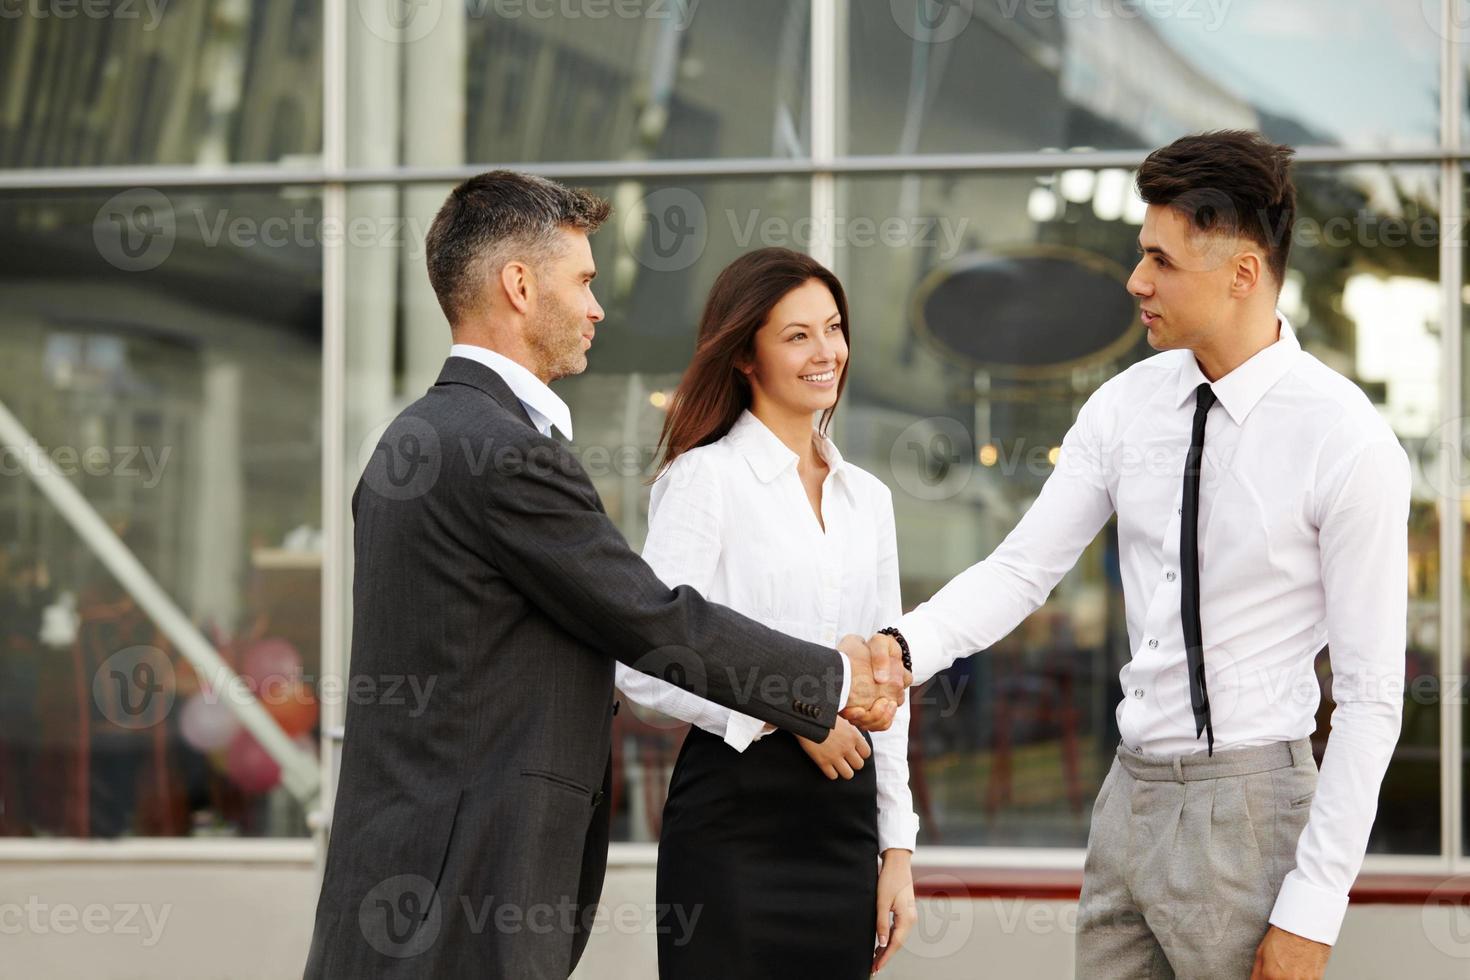 equipe de negócios. as pessoas apertam as mãos se comunicando foto